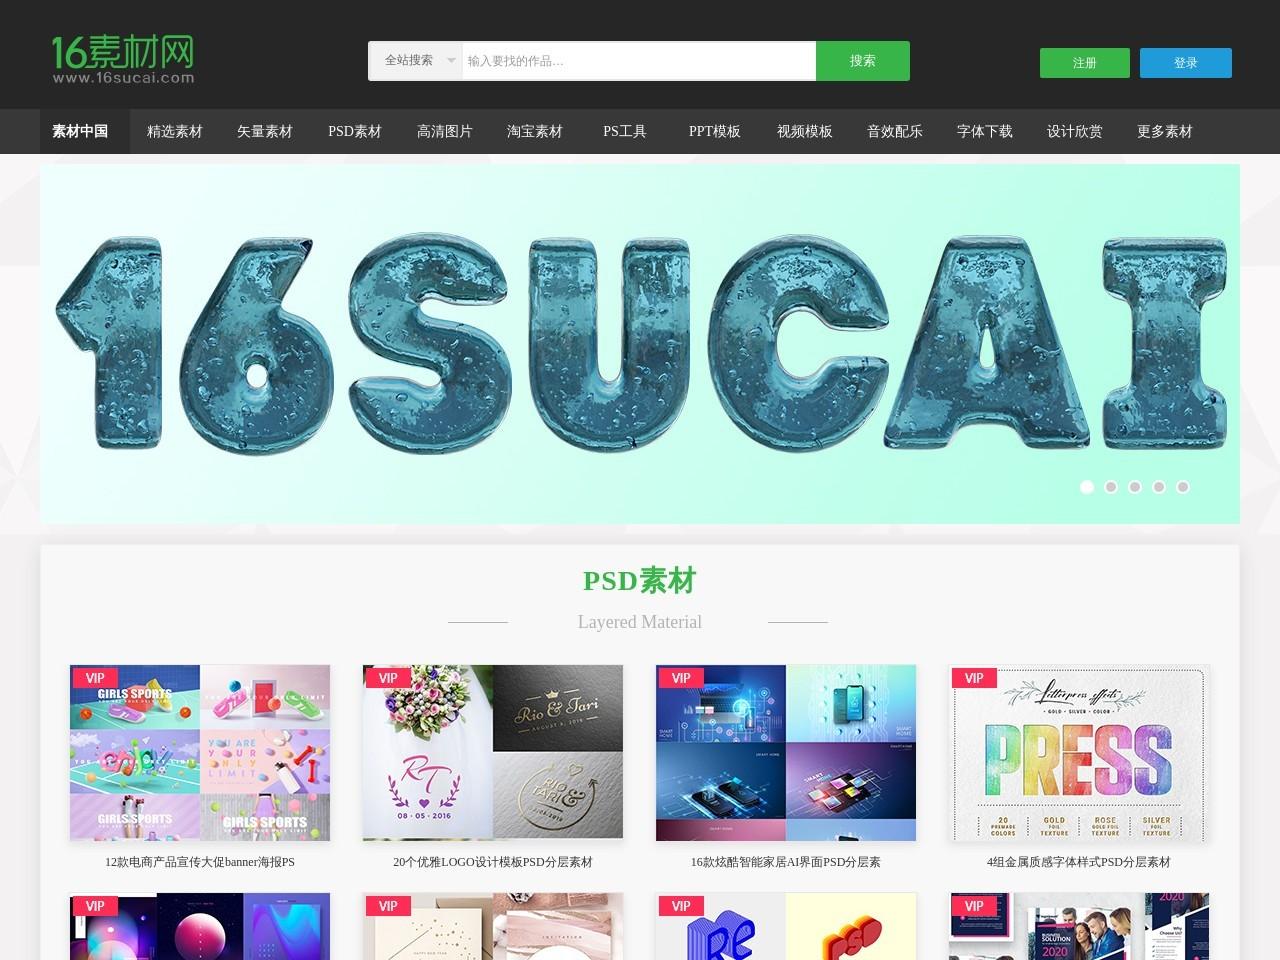 素材中国16素材网 - 素材中国16素材网